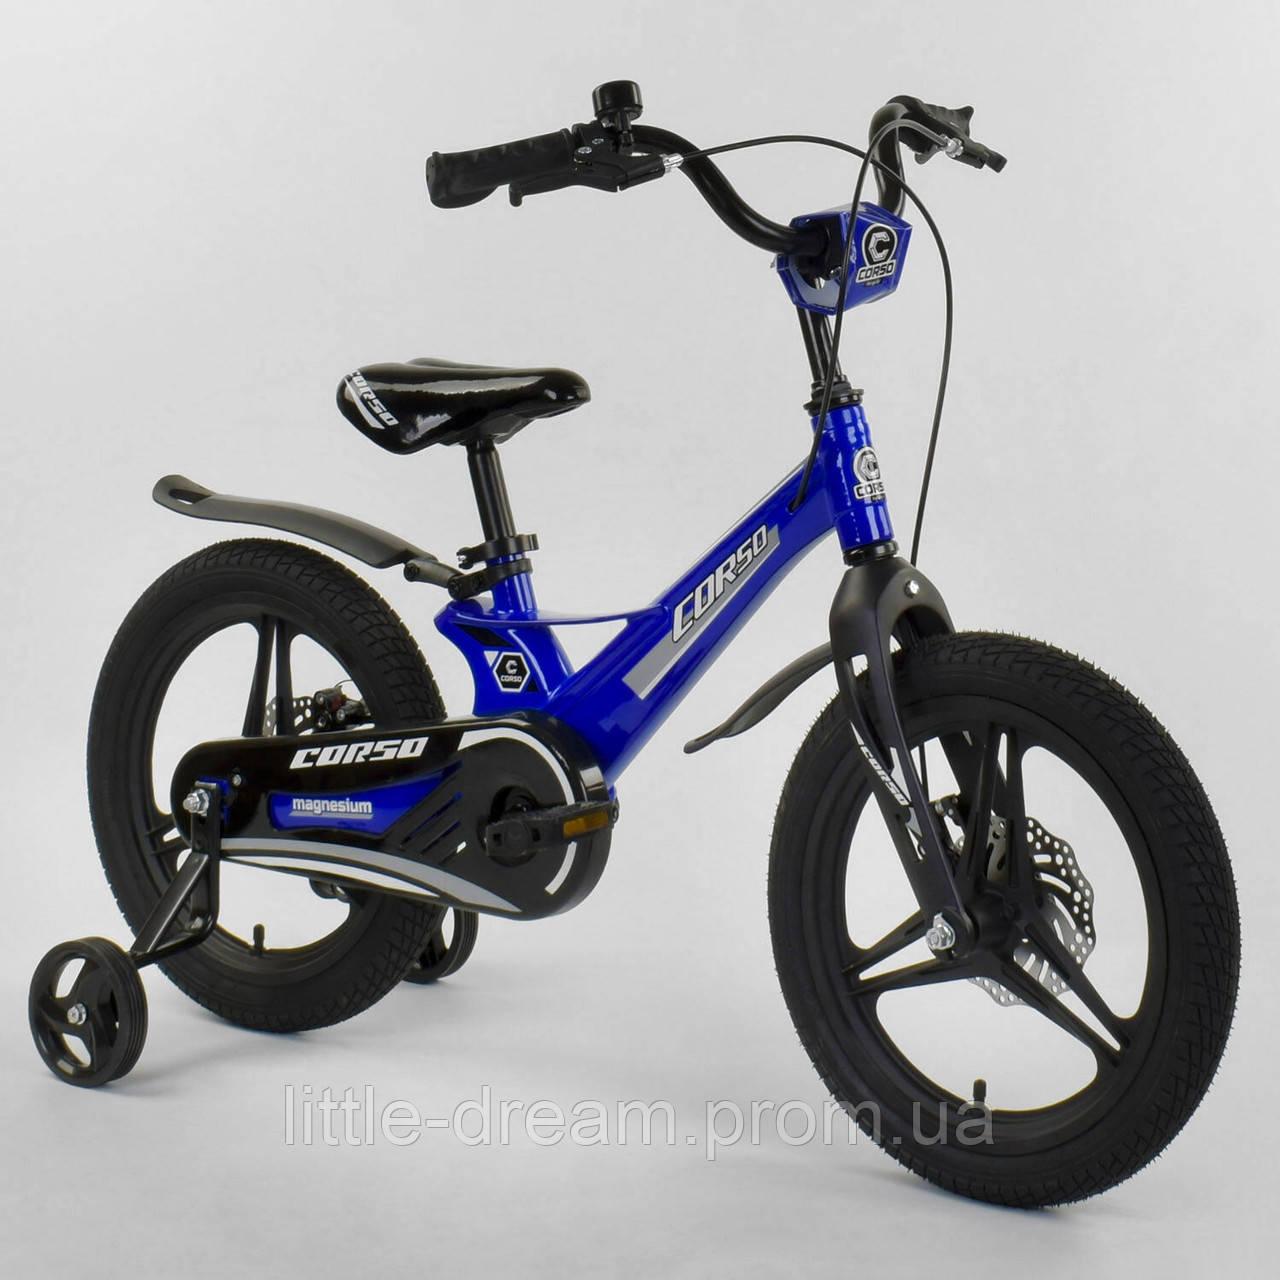 """Двухколесный детский велосипед 16"""" Corso MG-16248 Синий, магниевая рама, дисковый тормоз"""